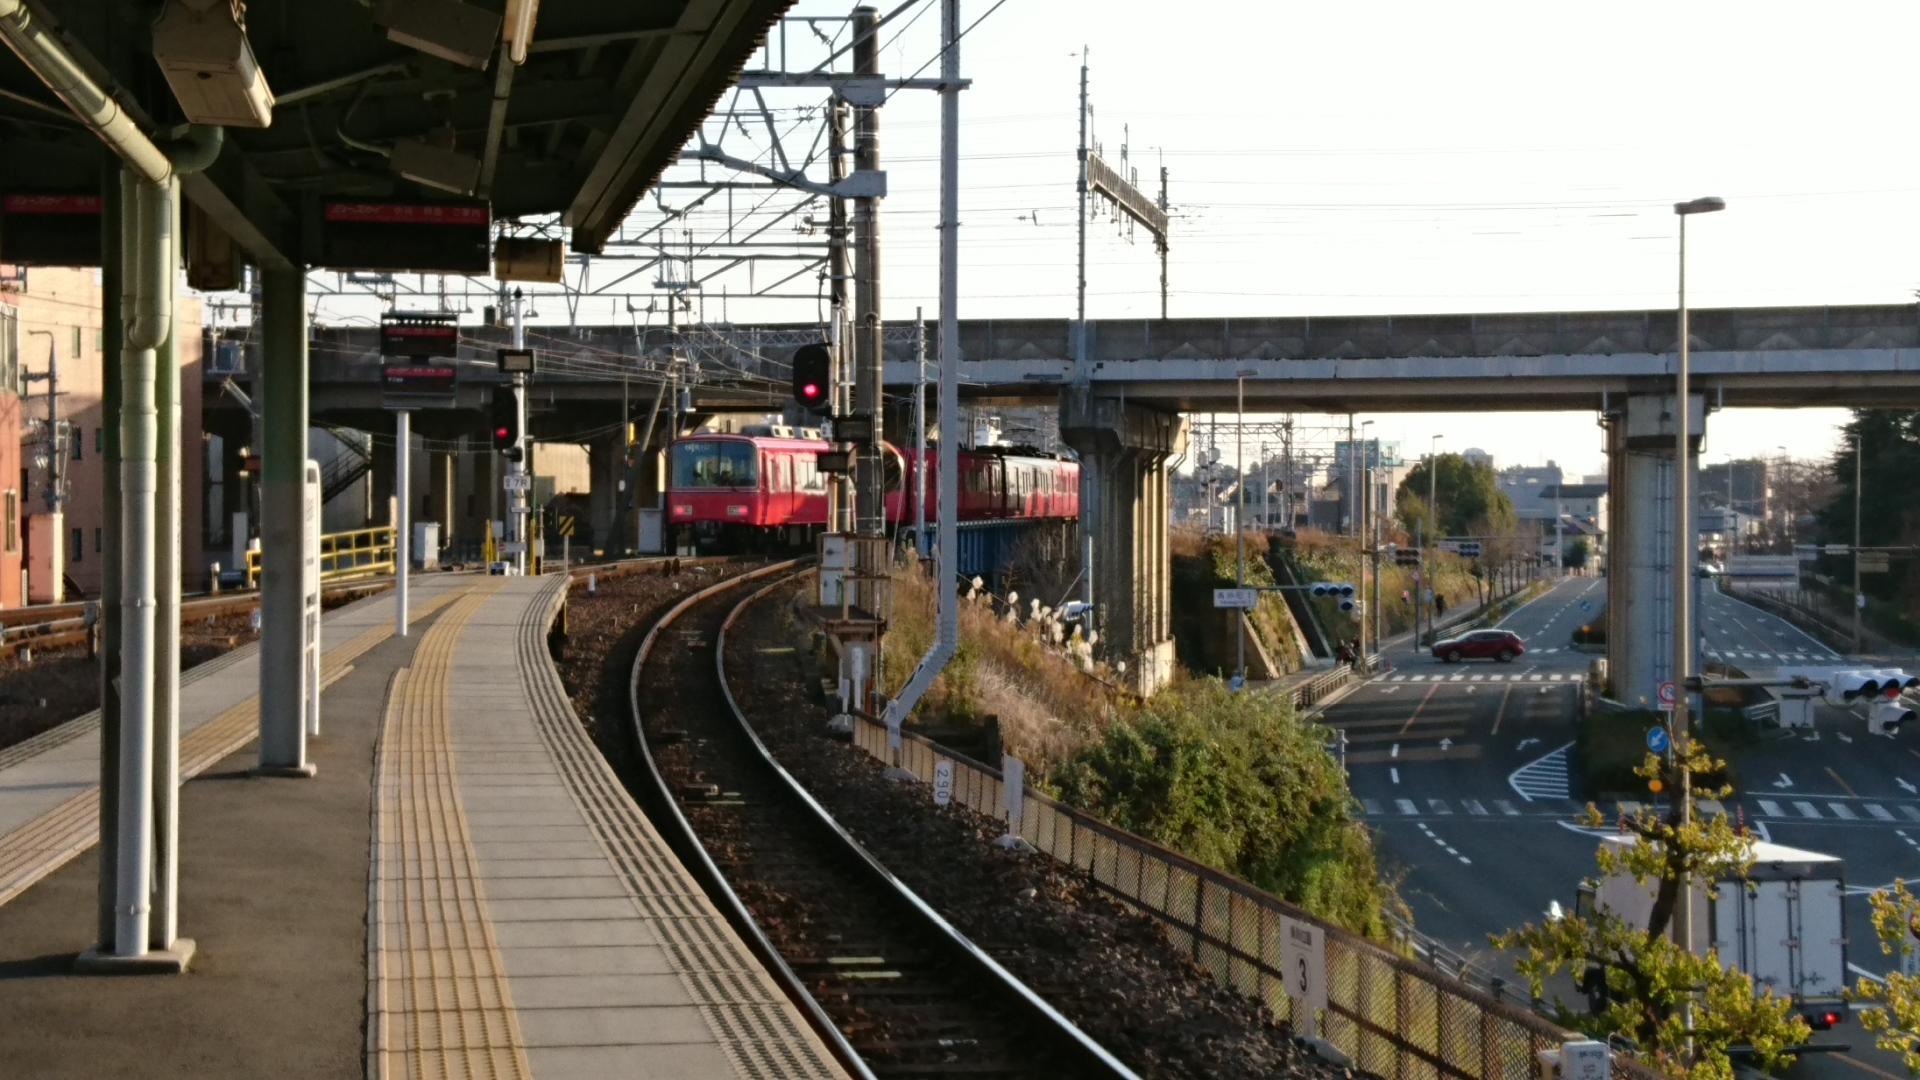 2017.1.3 岐阜から古井まで (5) 岐阜 - 須ヶ口いきふつう 1920-1080